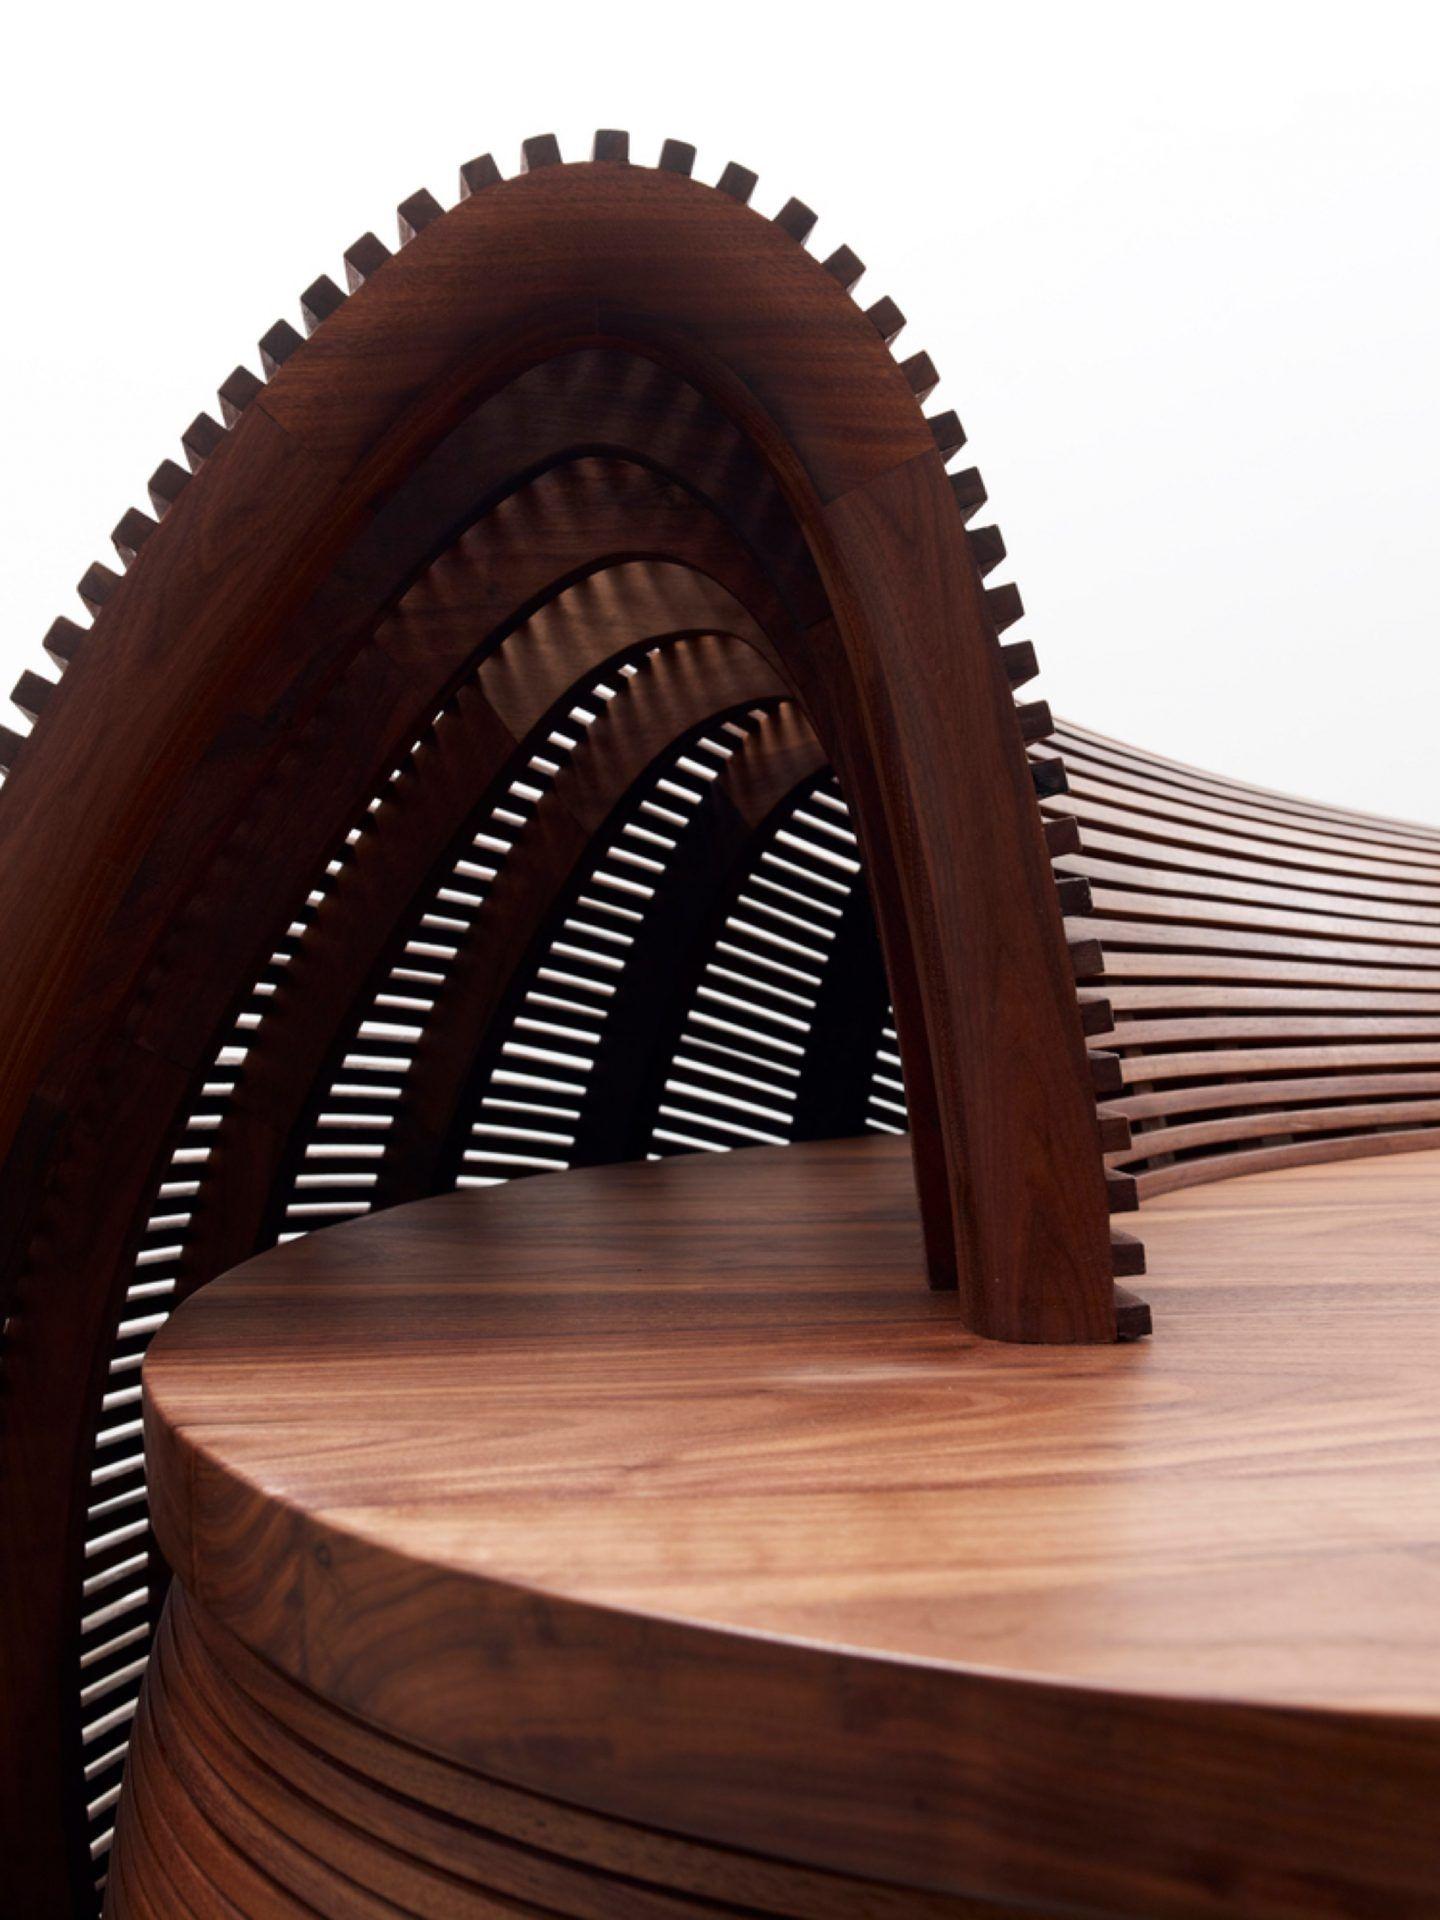 IGNANT-Design-Bae-Se-Hwa-Bent-Series-22